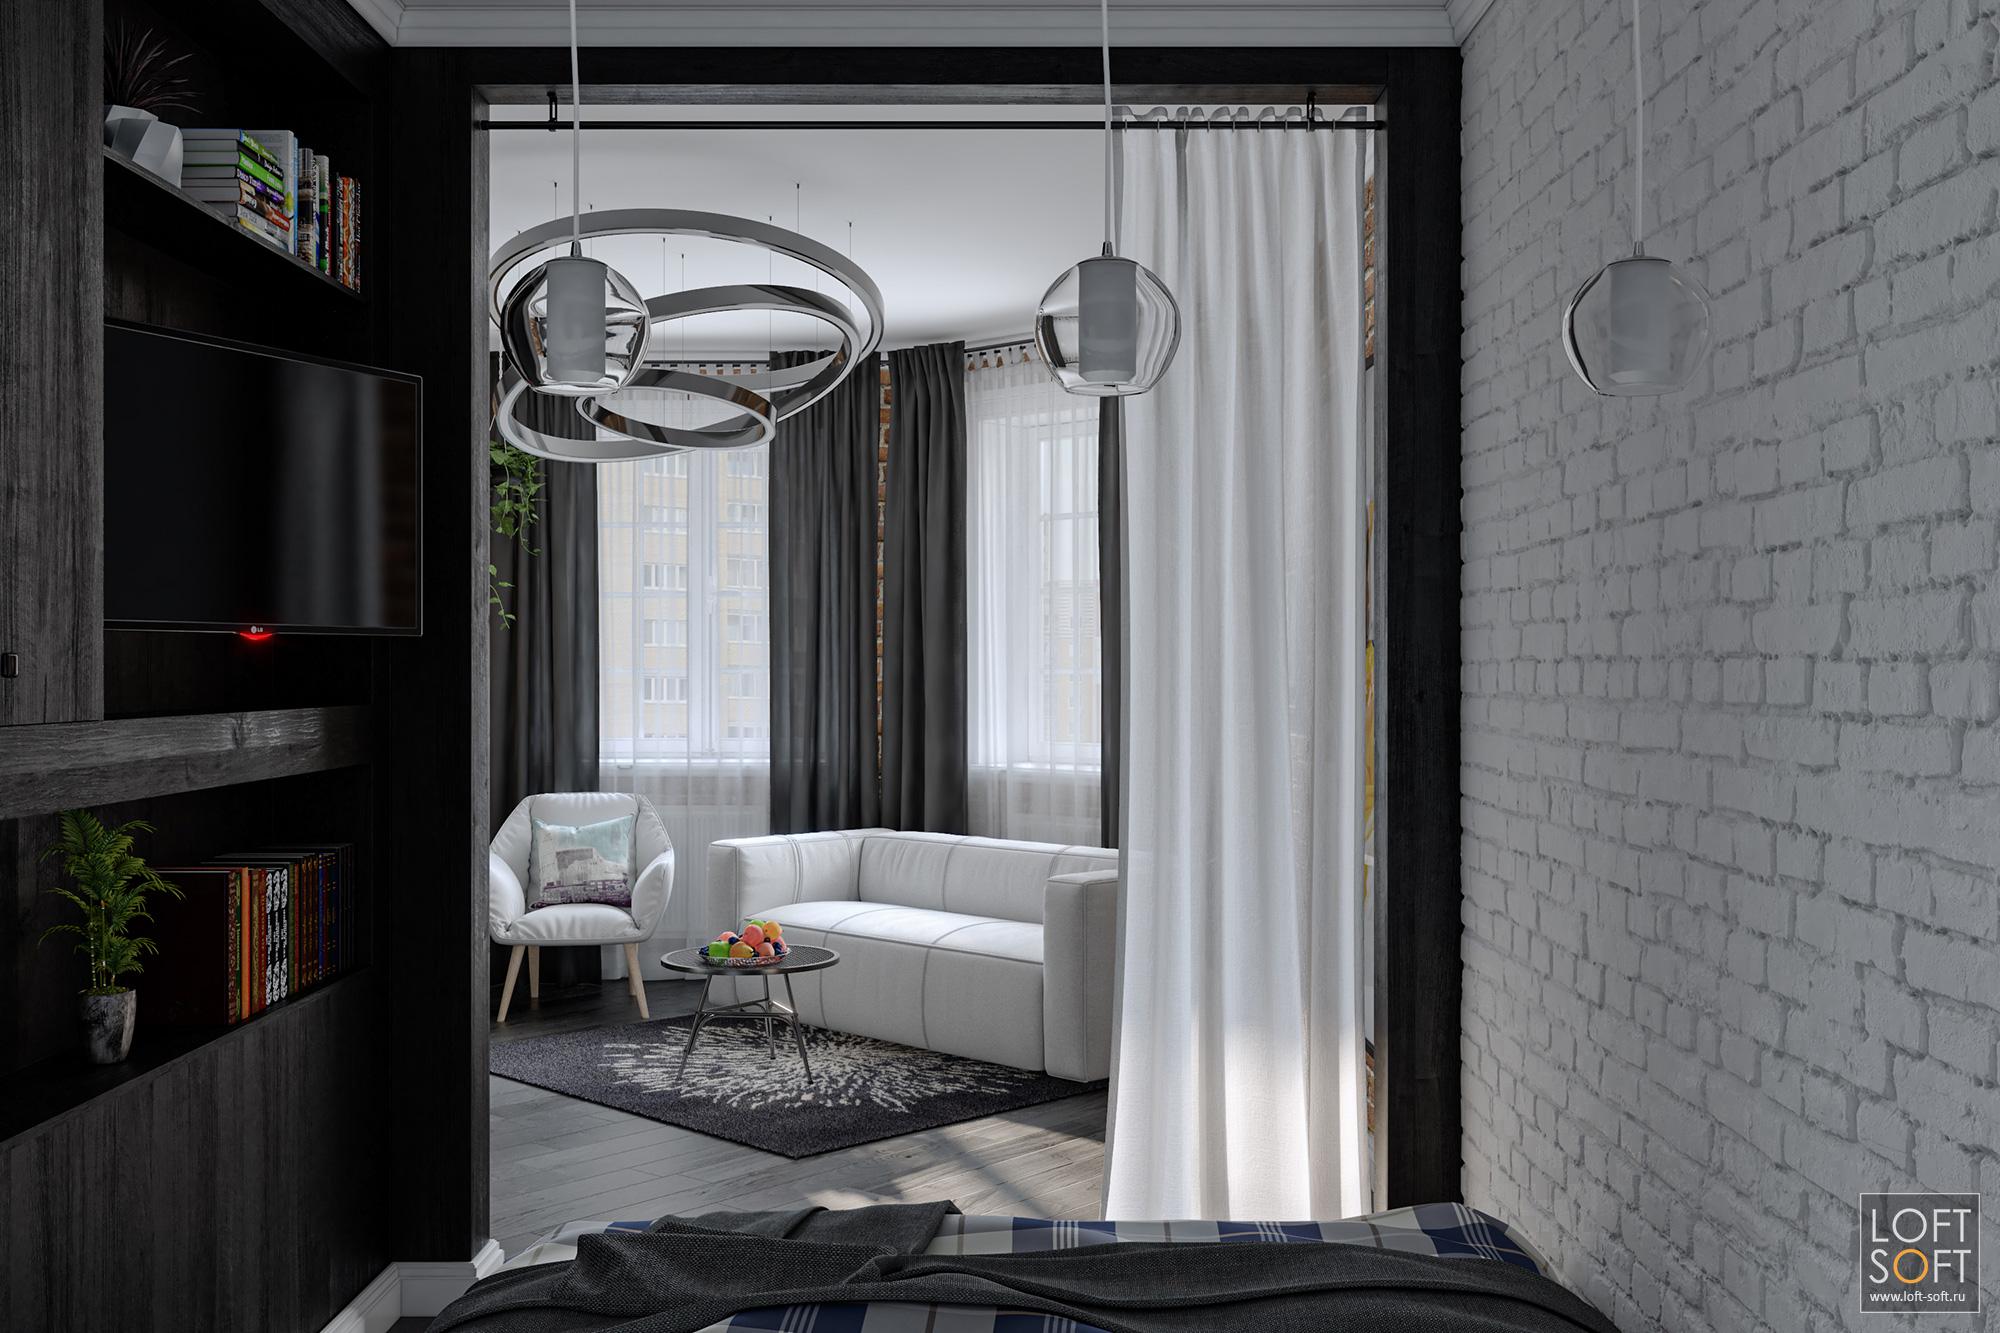 Спальная зона воднокомнатной квартире. Дизайн лофта.